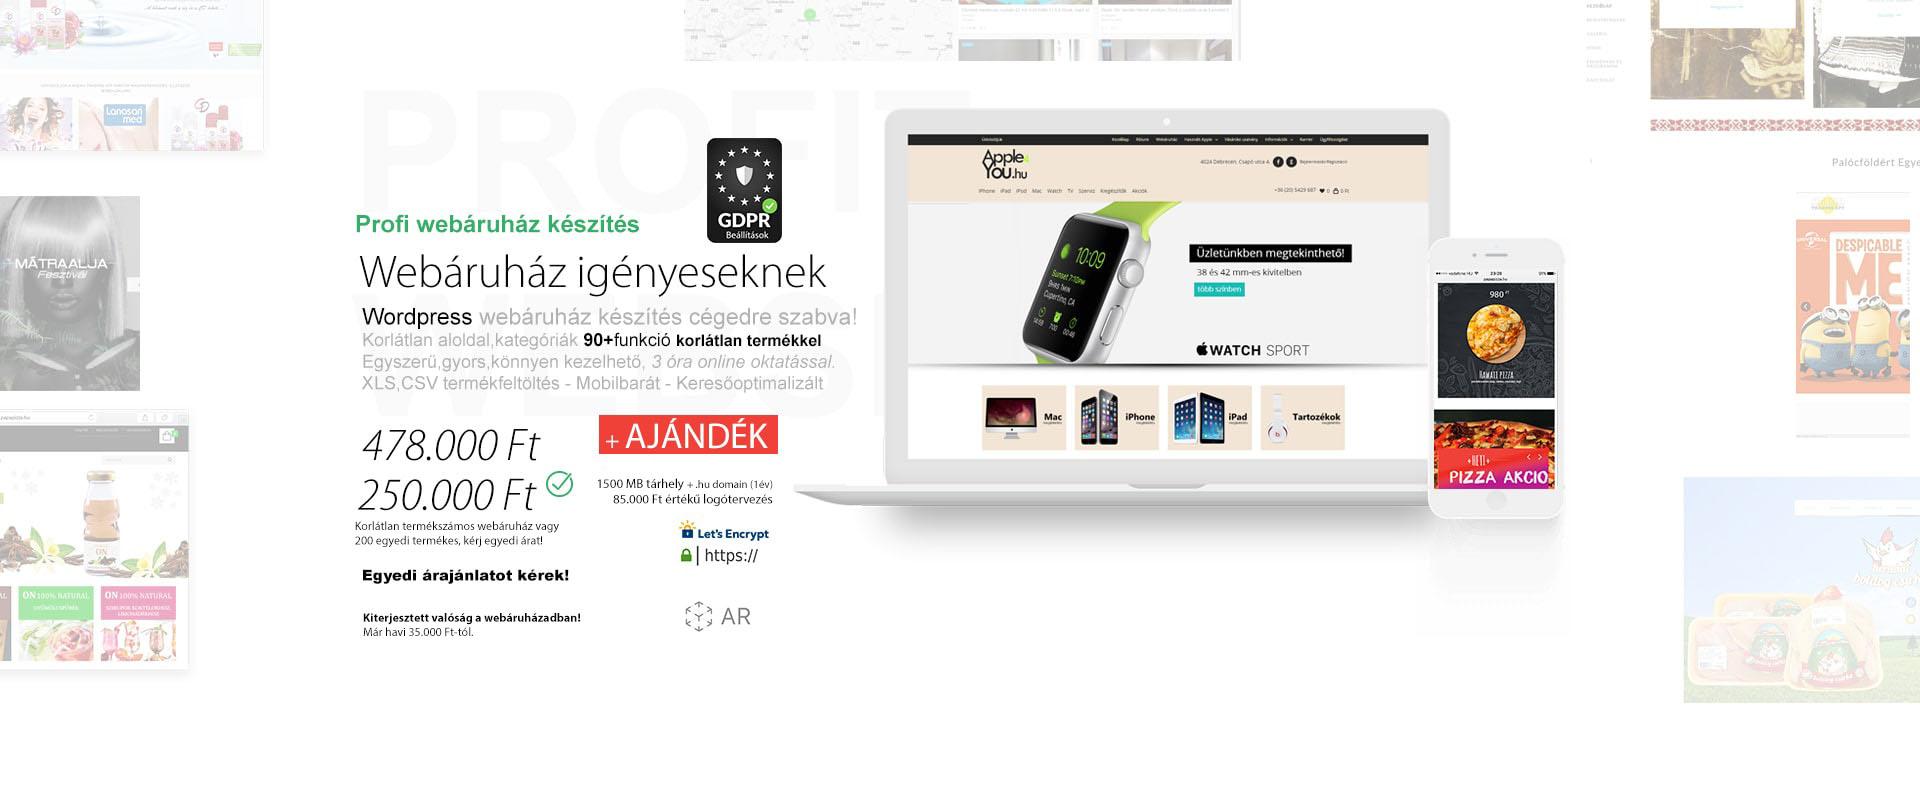 Webáruház készítés árak 2020 - Webshop készítés - Pren Design